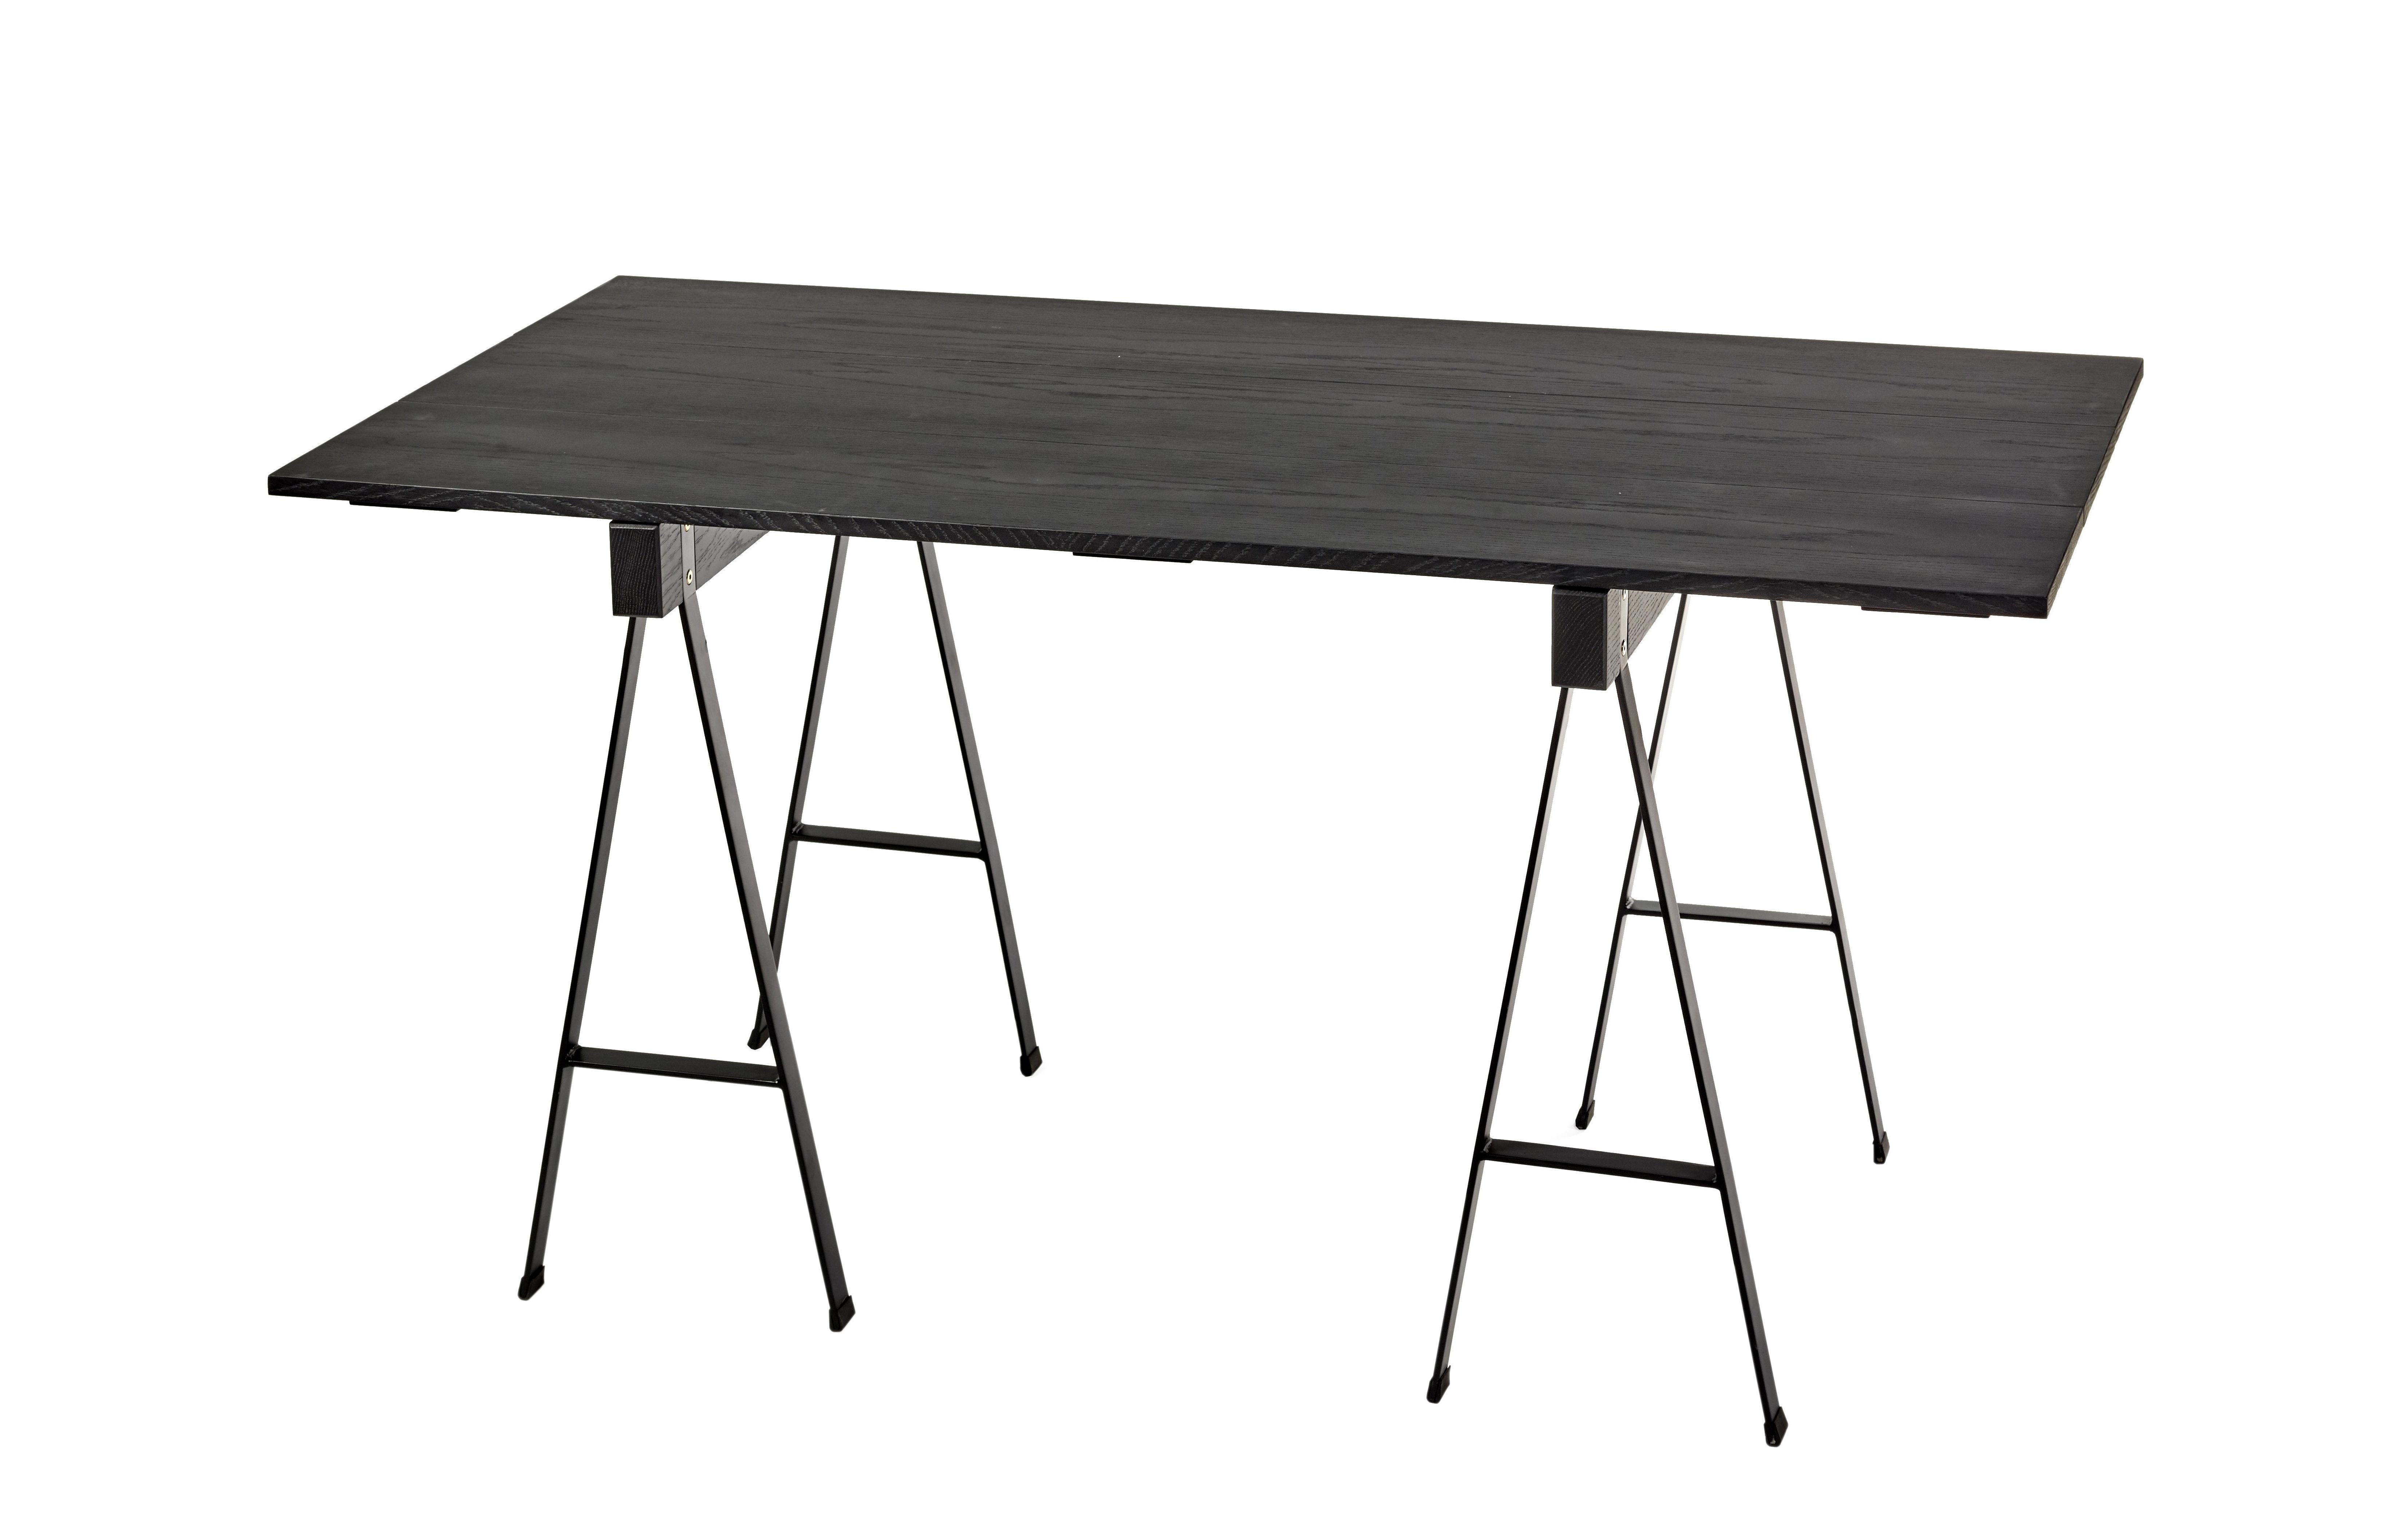 Studio Simple Tavolo - / con cavalletti - 150 x 75 cm Nero by Serax ...